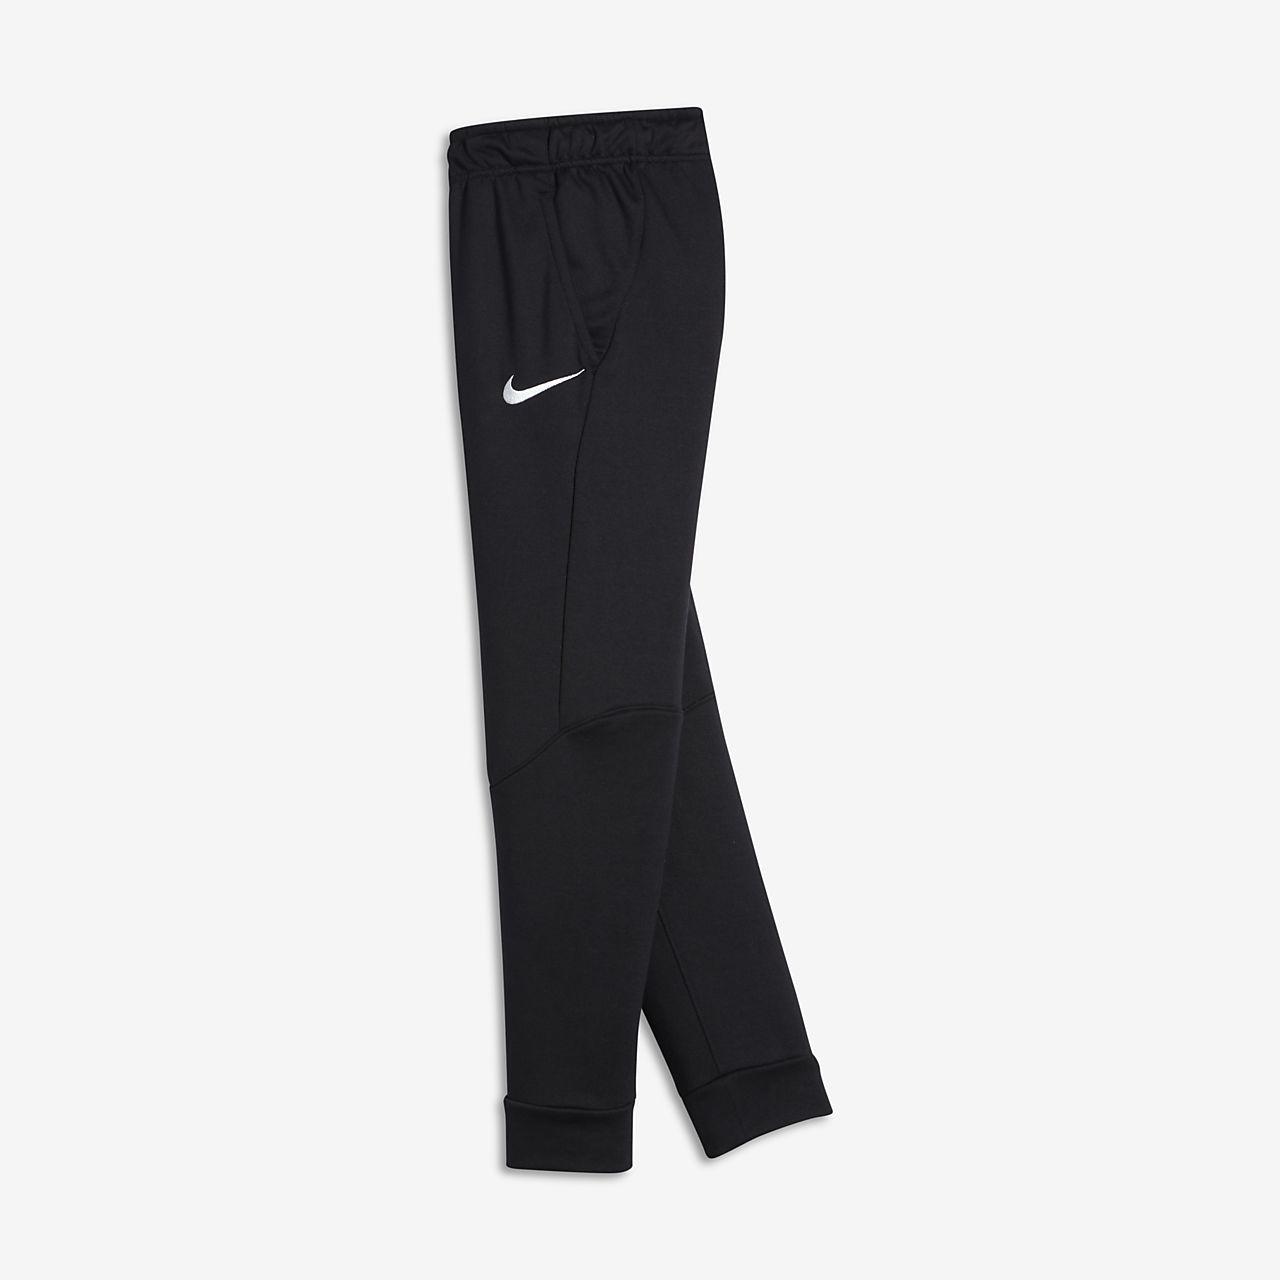 Nike Dri-FIT Big Kids' Training Pants